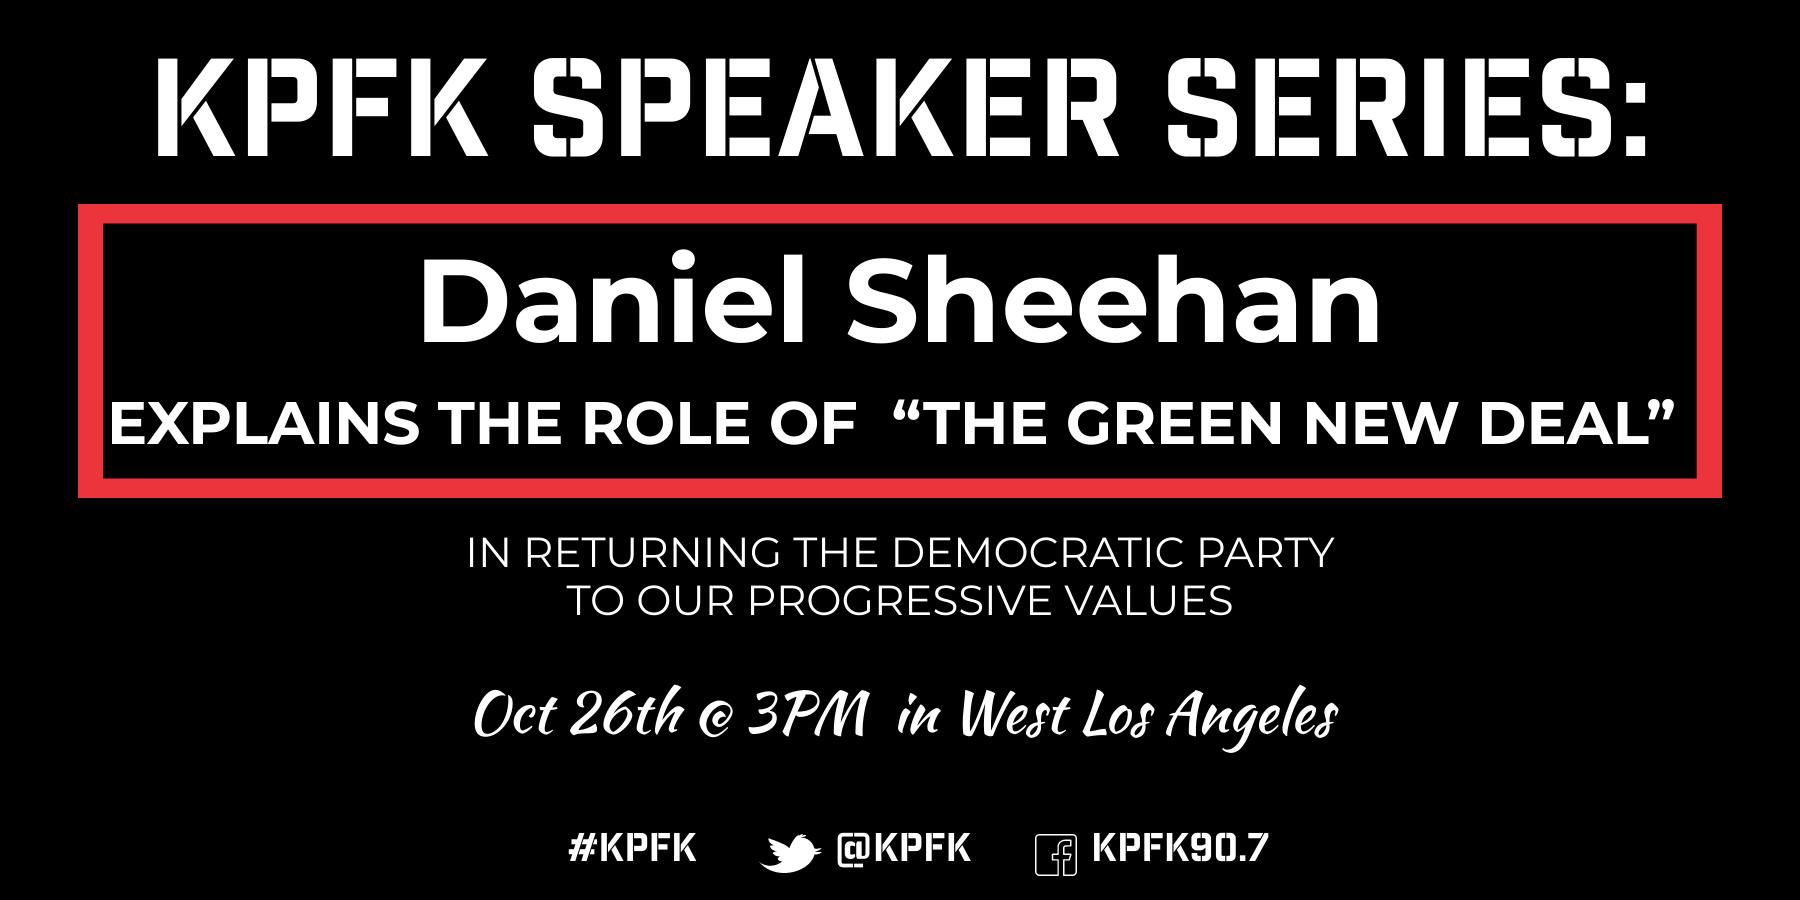 KPFK Speaker Series: Daniel Sheehan  on The Green New Deal